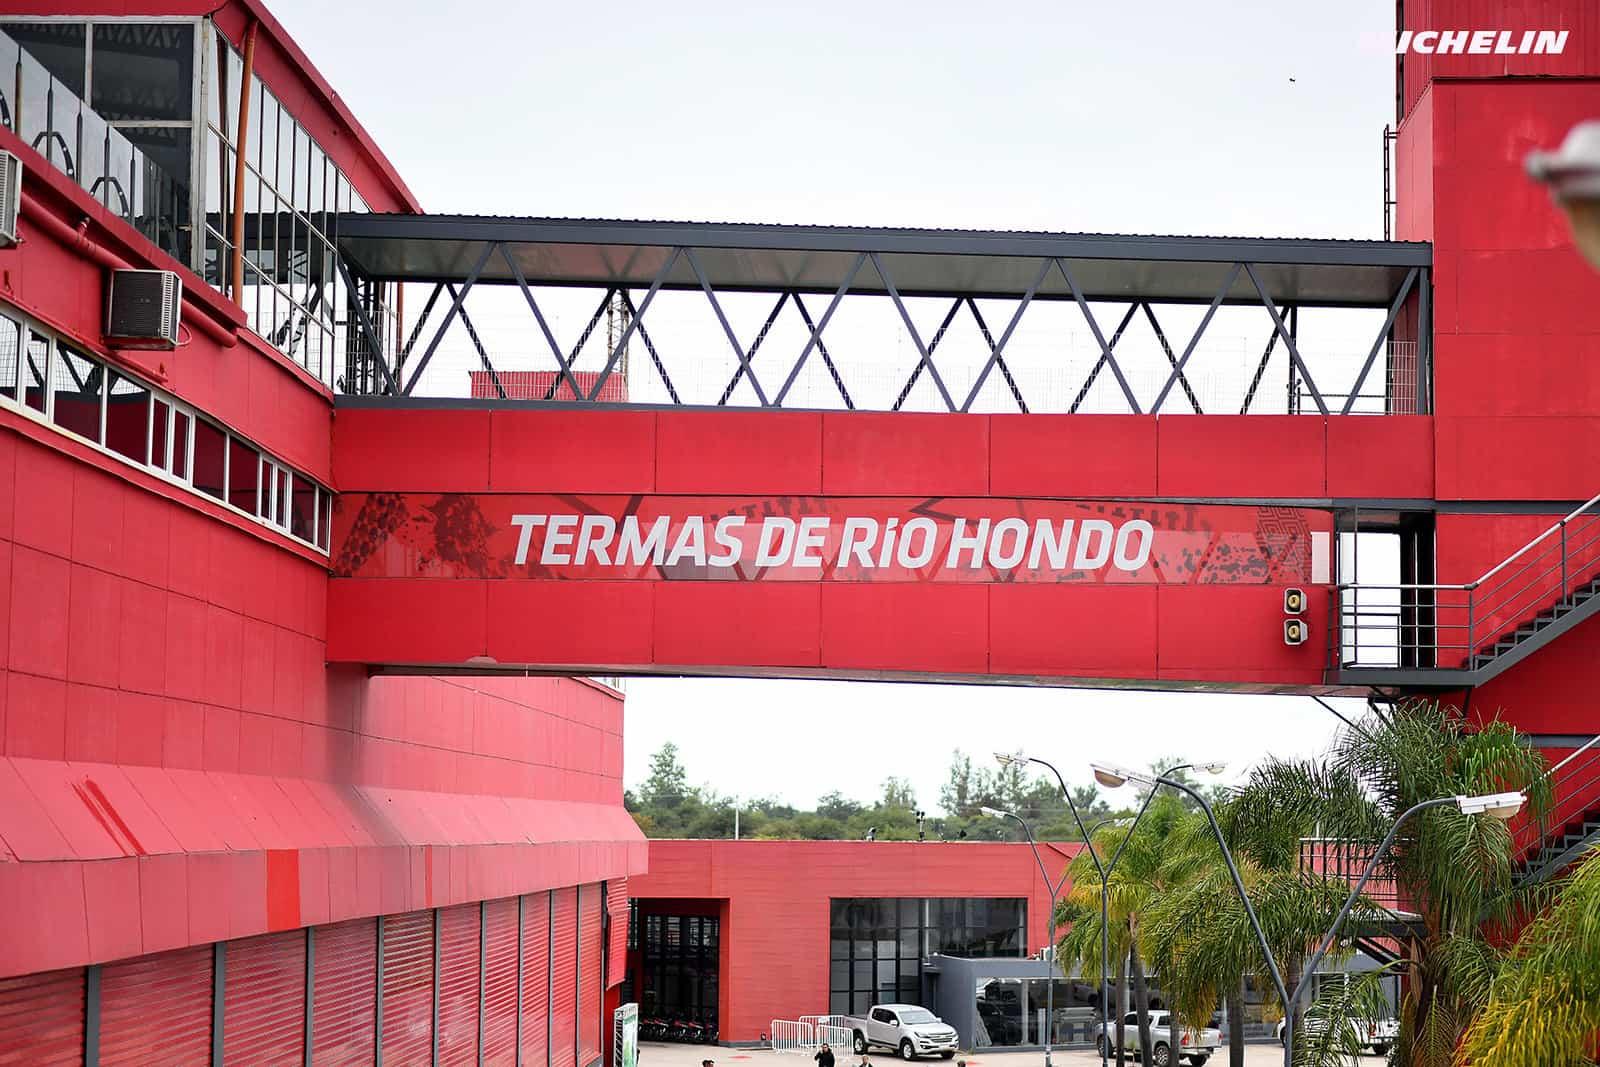 4月19日開催予定だったアルゼンチンGPも延期 開幕戦は5月のスペインGP